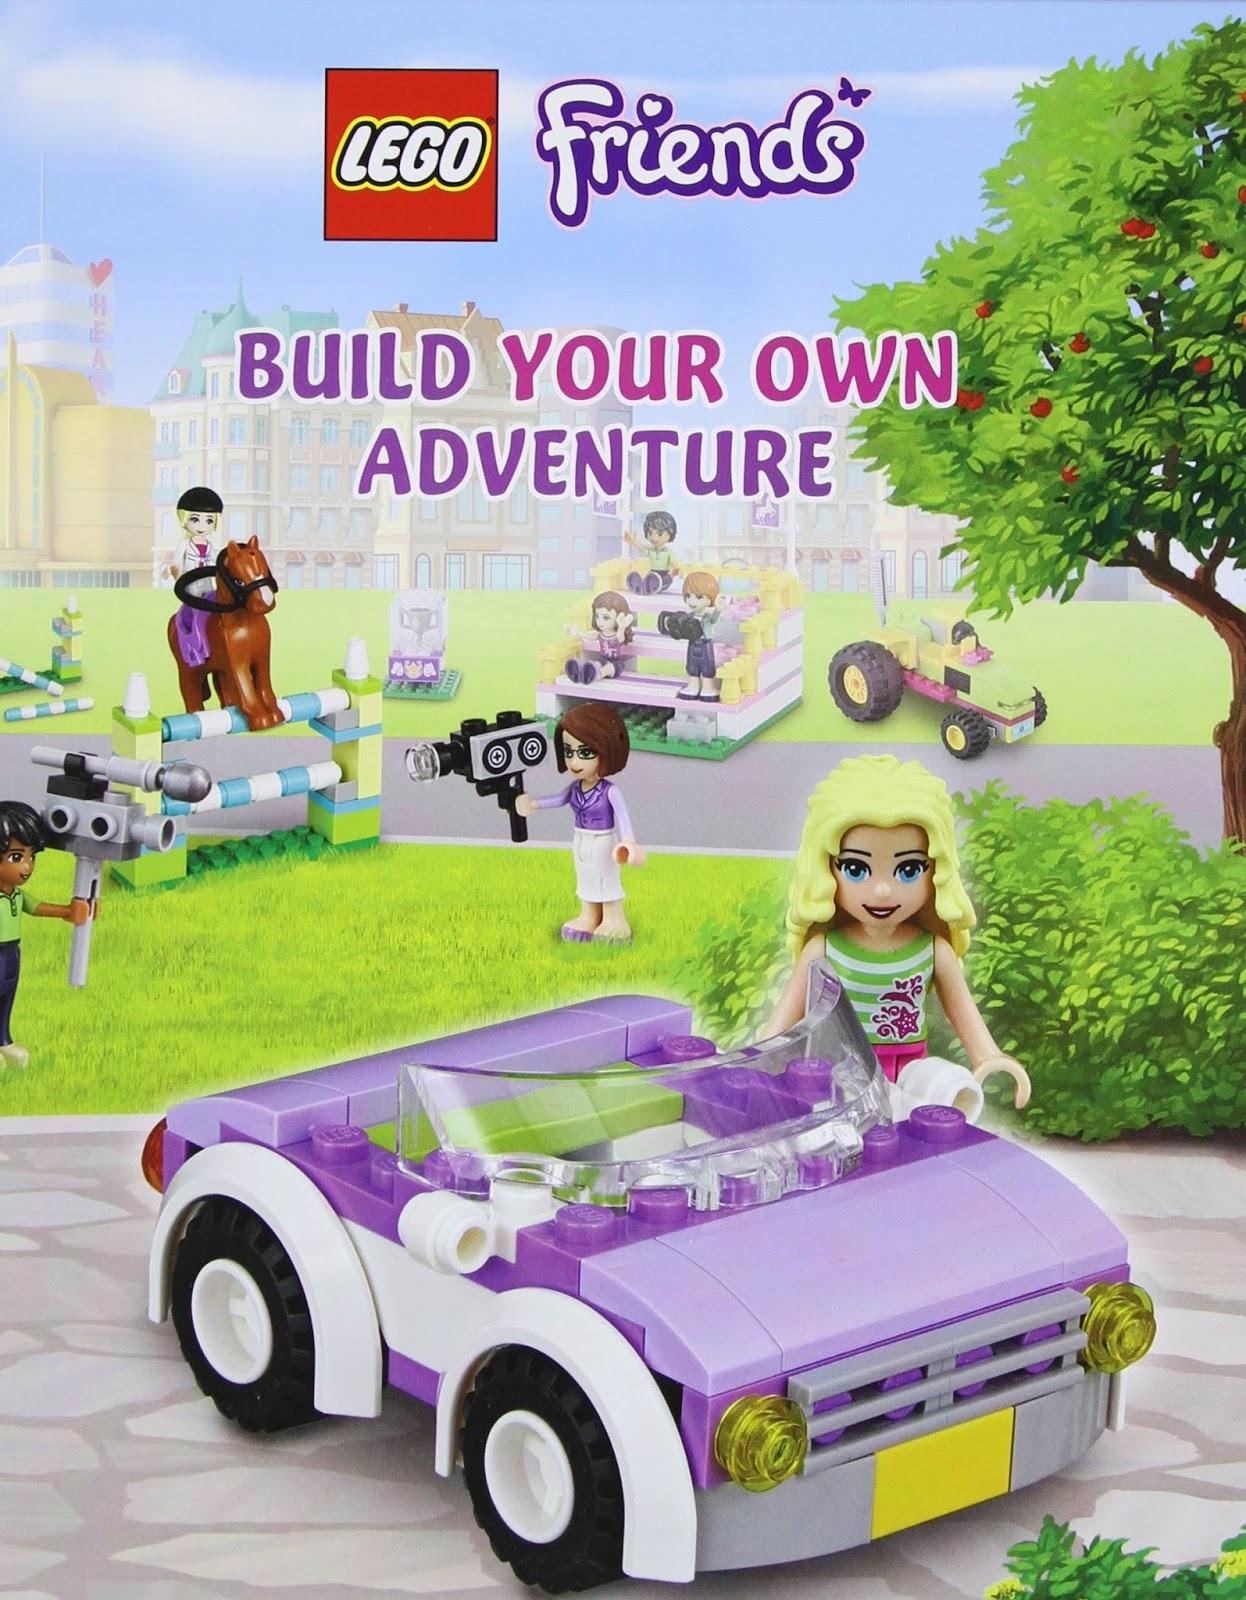 Brick Friends Lego 11908 Friends Build Your Own Adventure Parts